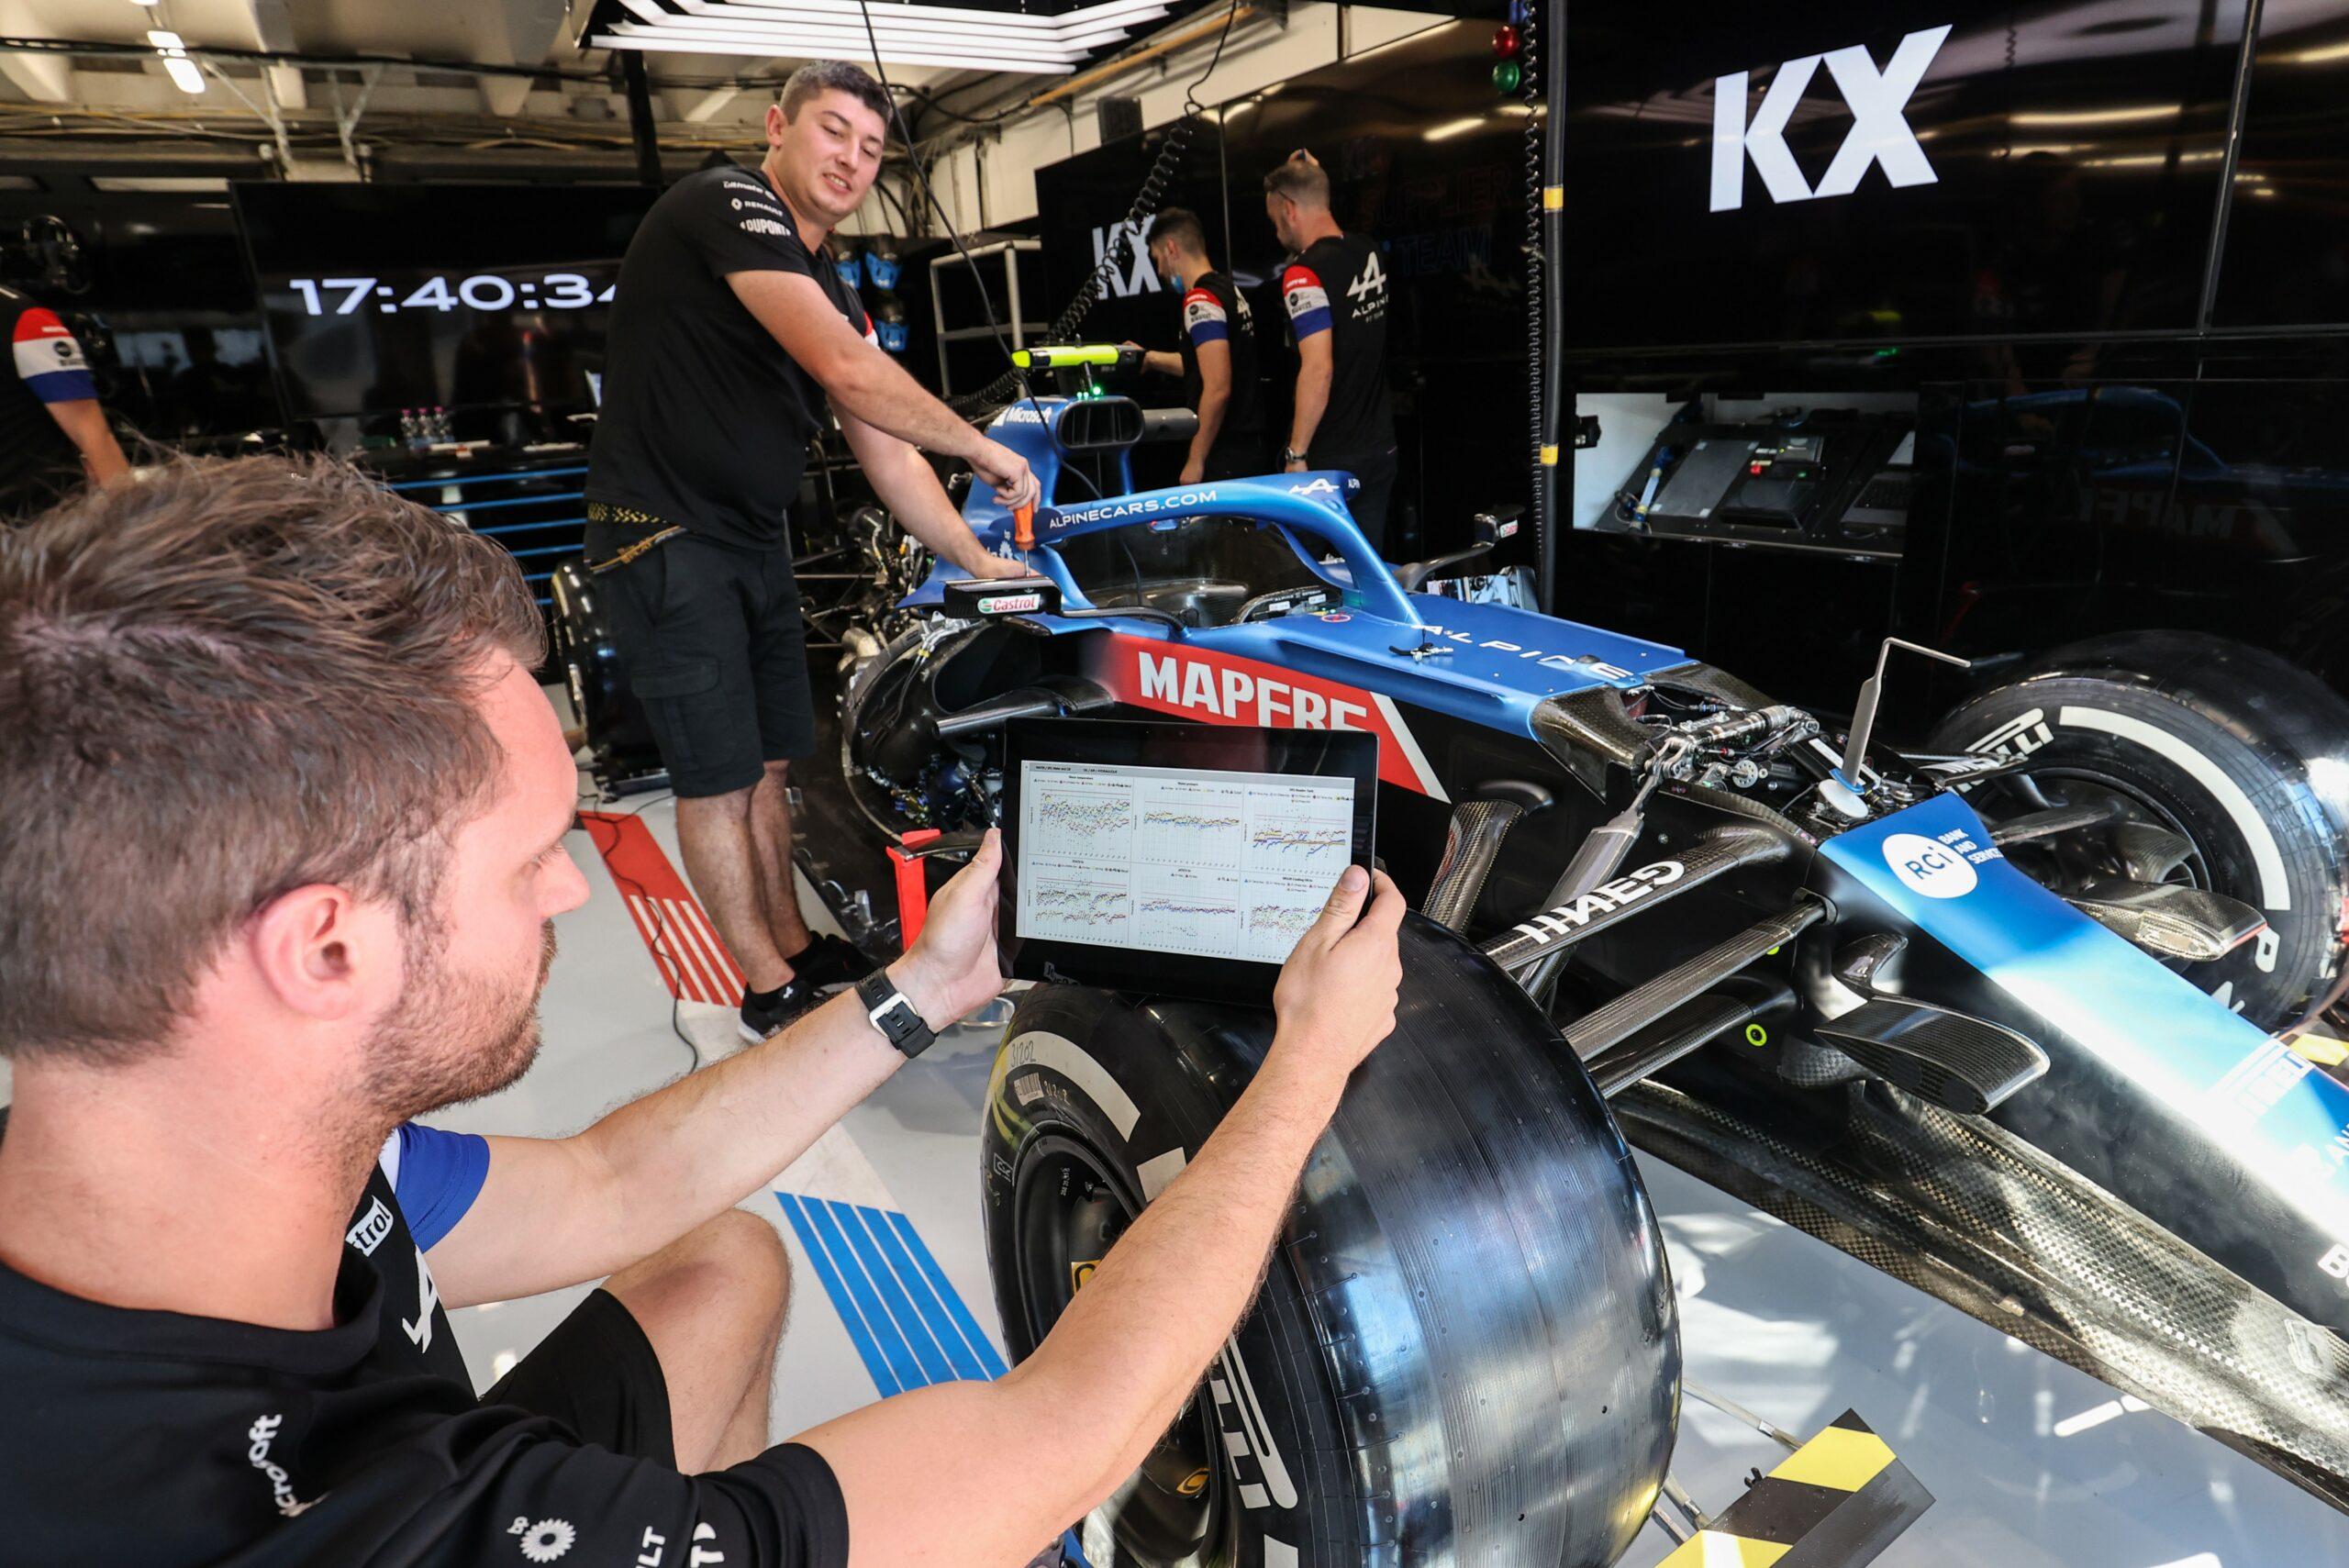 F1 - Alpine F1 signe un partenariat avec la société KX